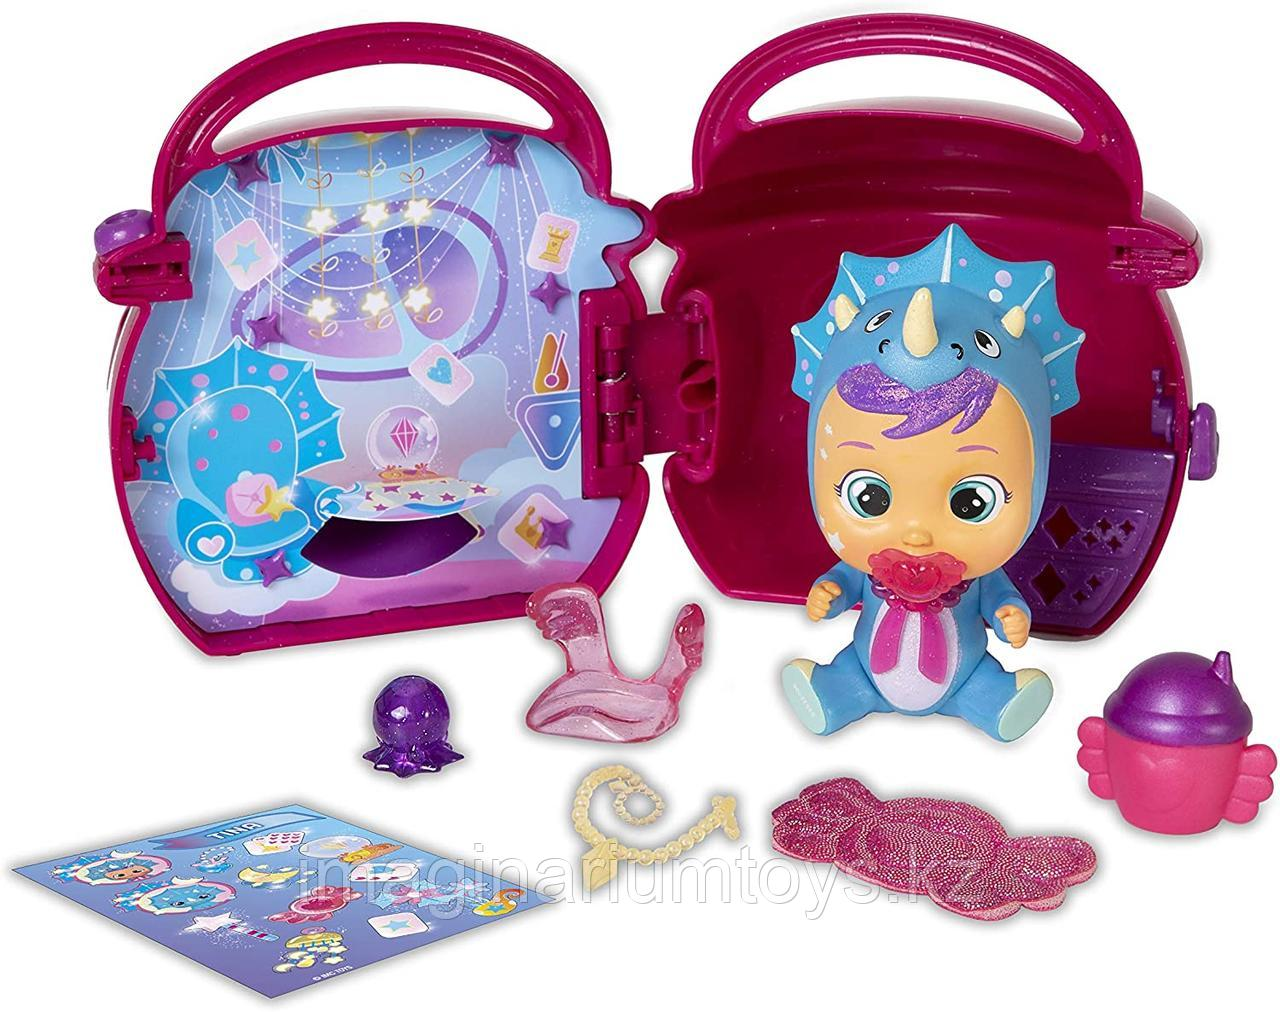 Край Беби плачущая кукла Crybabies Fantasy Paci House с аксессуарами - фото 9